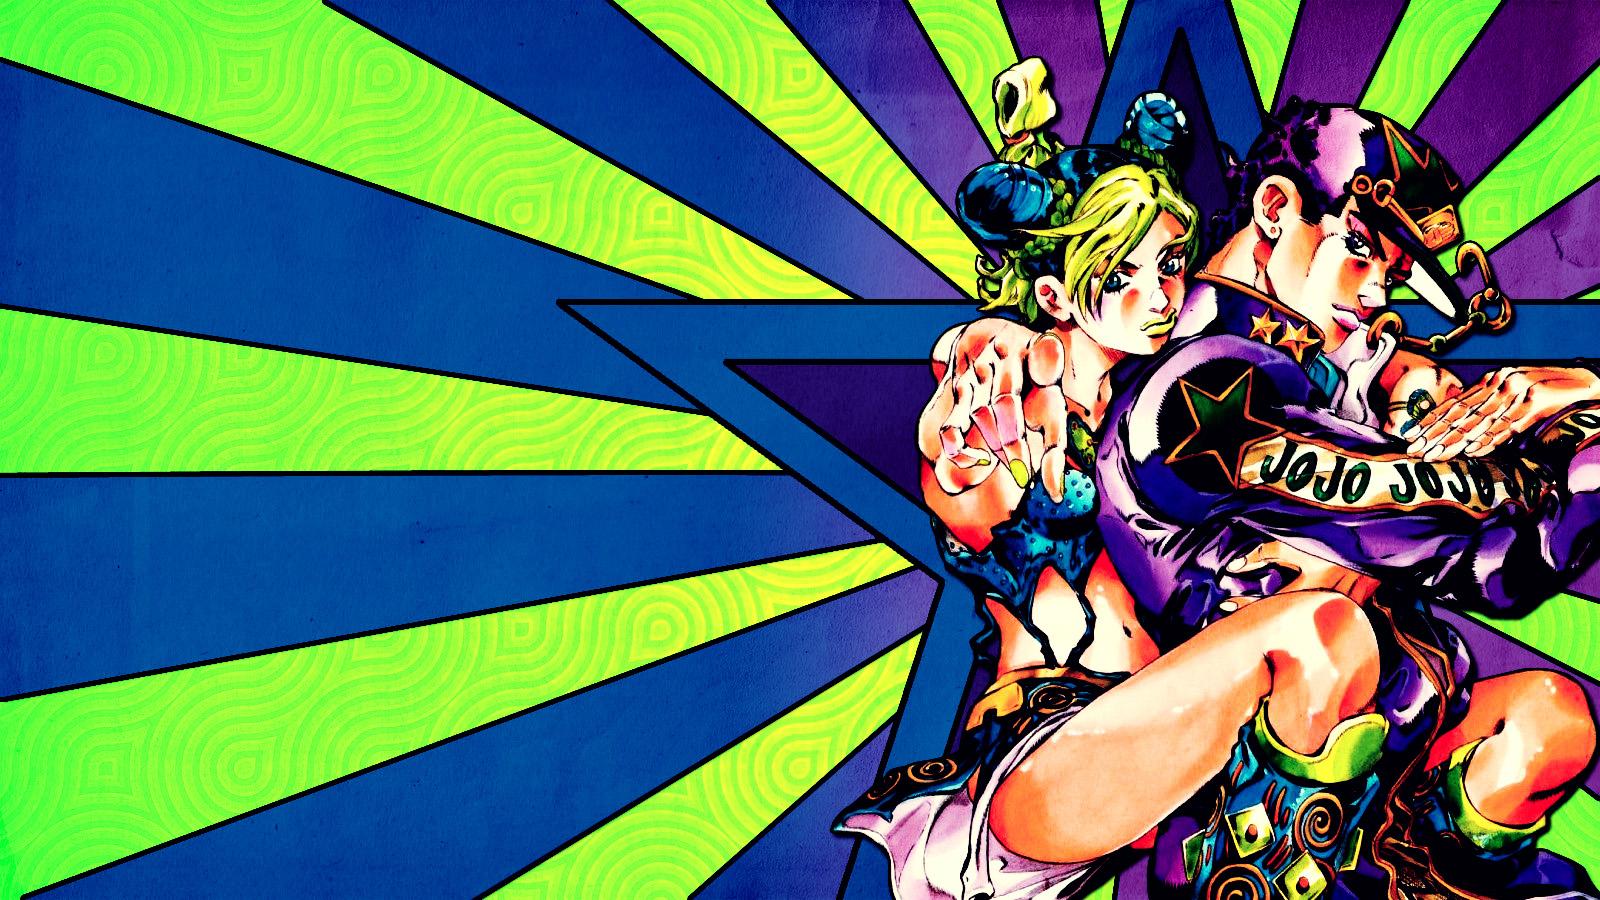 jotaro and jolyne wallpaper by franky4fingersx2 fan art wallpaper 1600x900